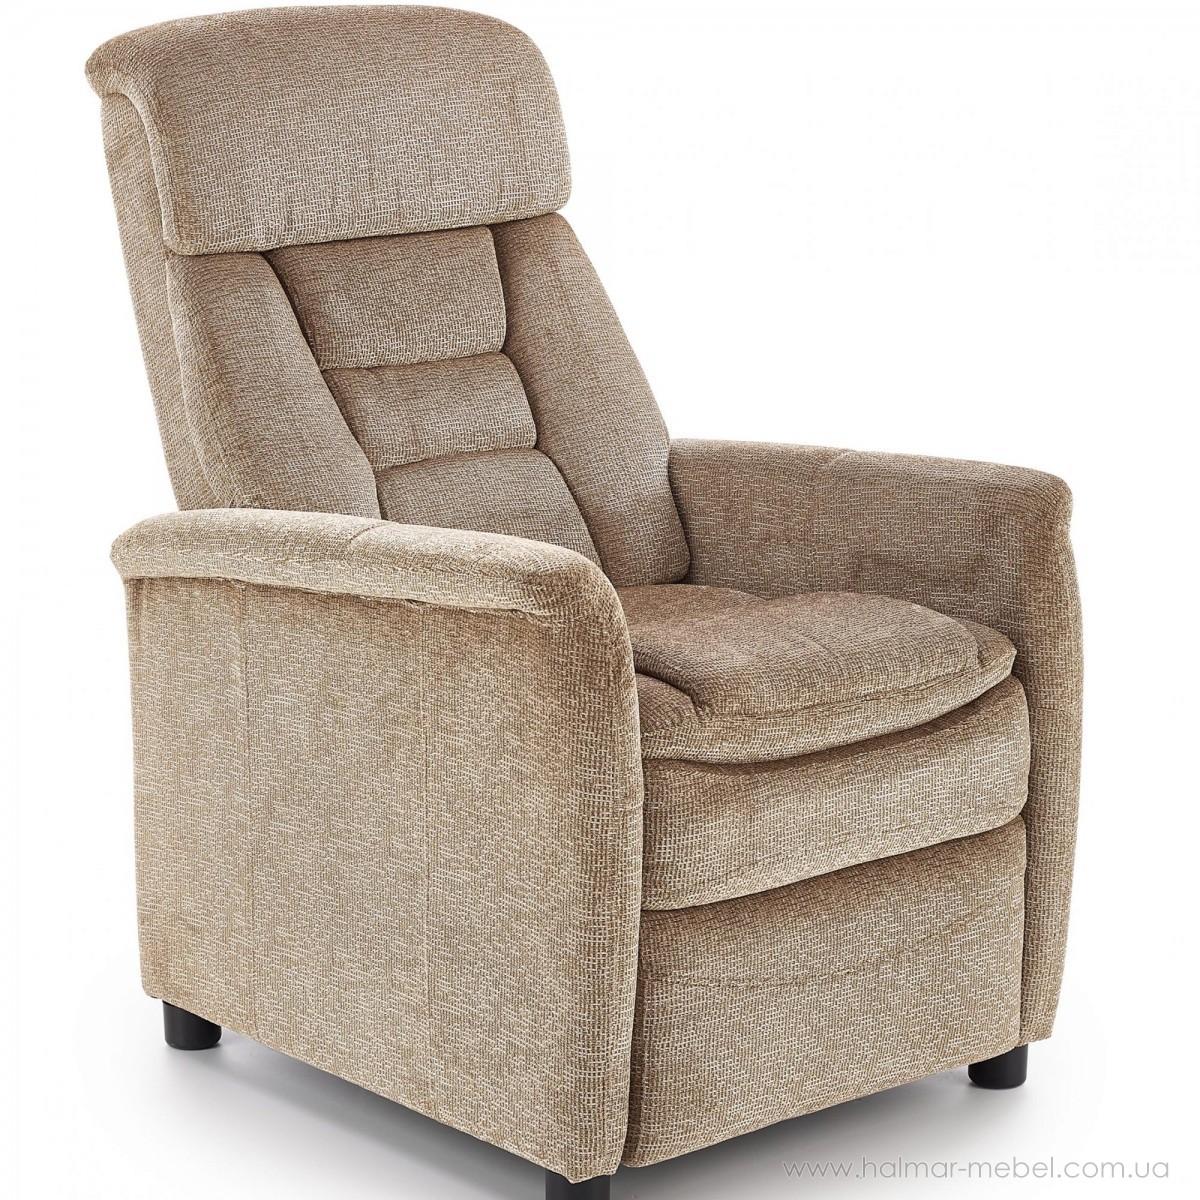 Раскладное кресло JORDAN HALMAR цвет бежевый